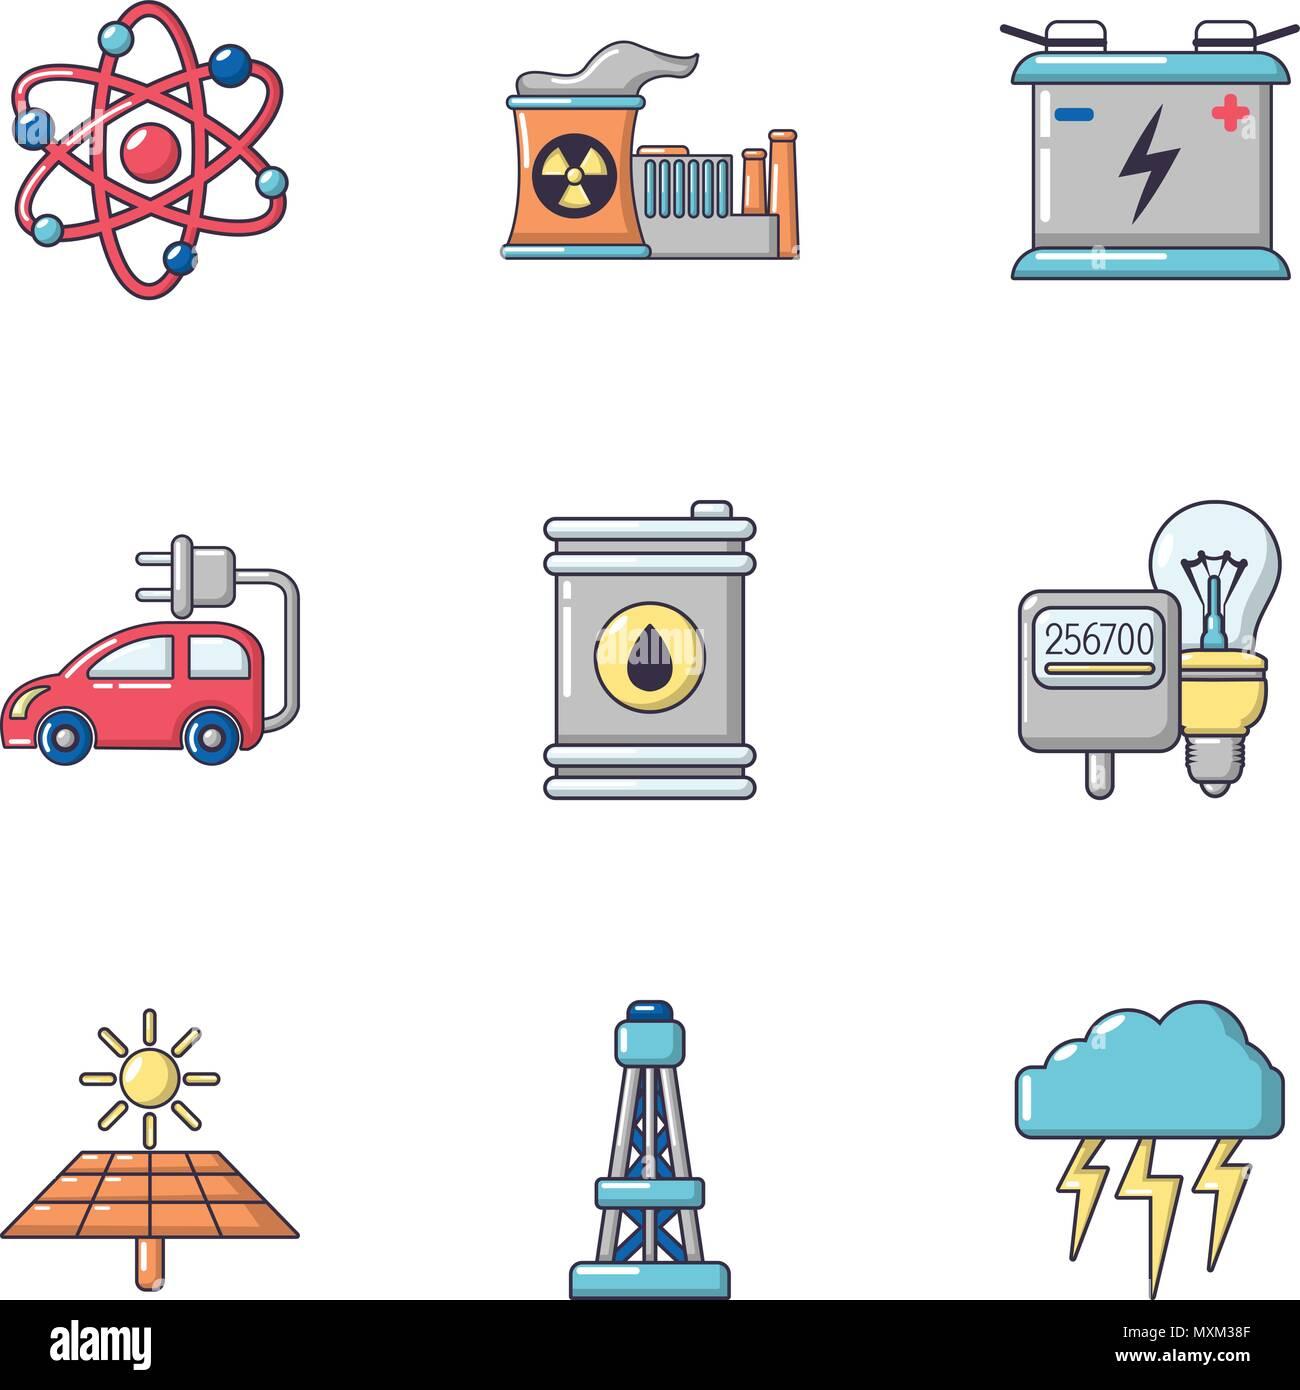 La Energía Nuclear Los Iconos De Estilo De Dibujos Animados